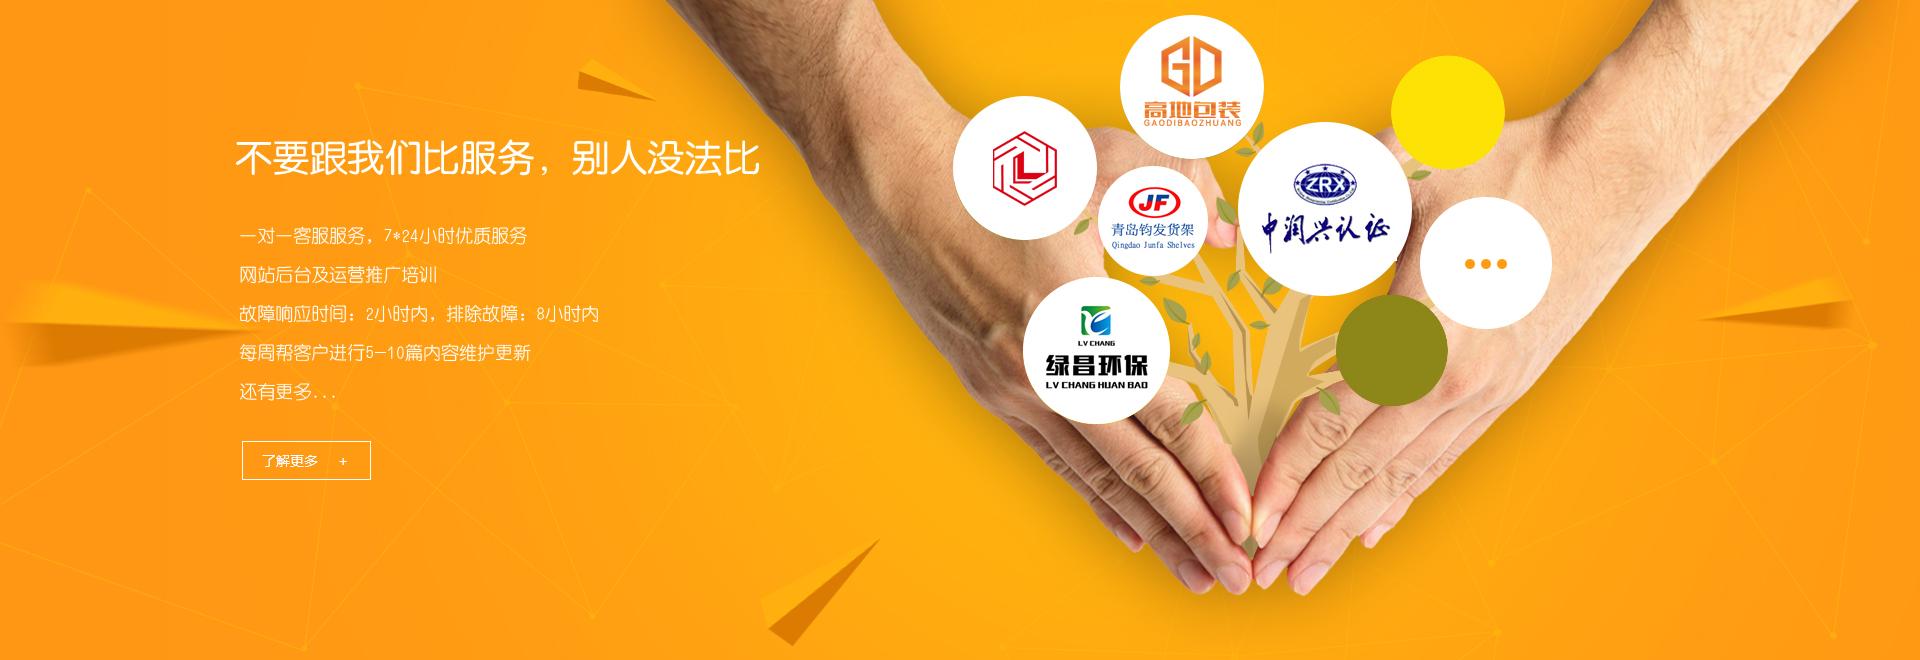 青岛网络推广公司